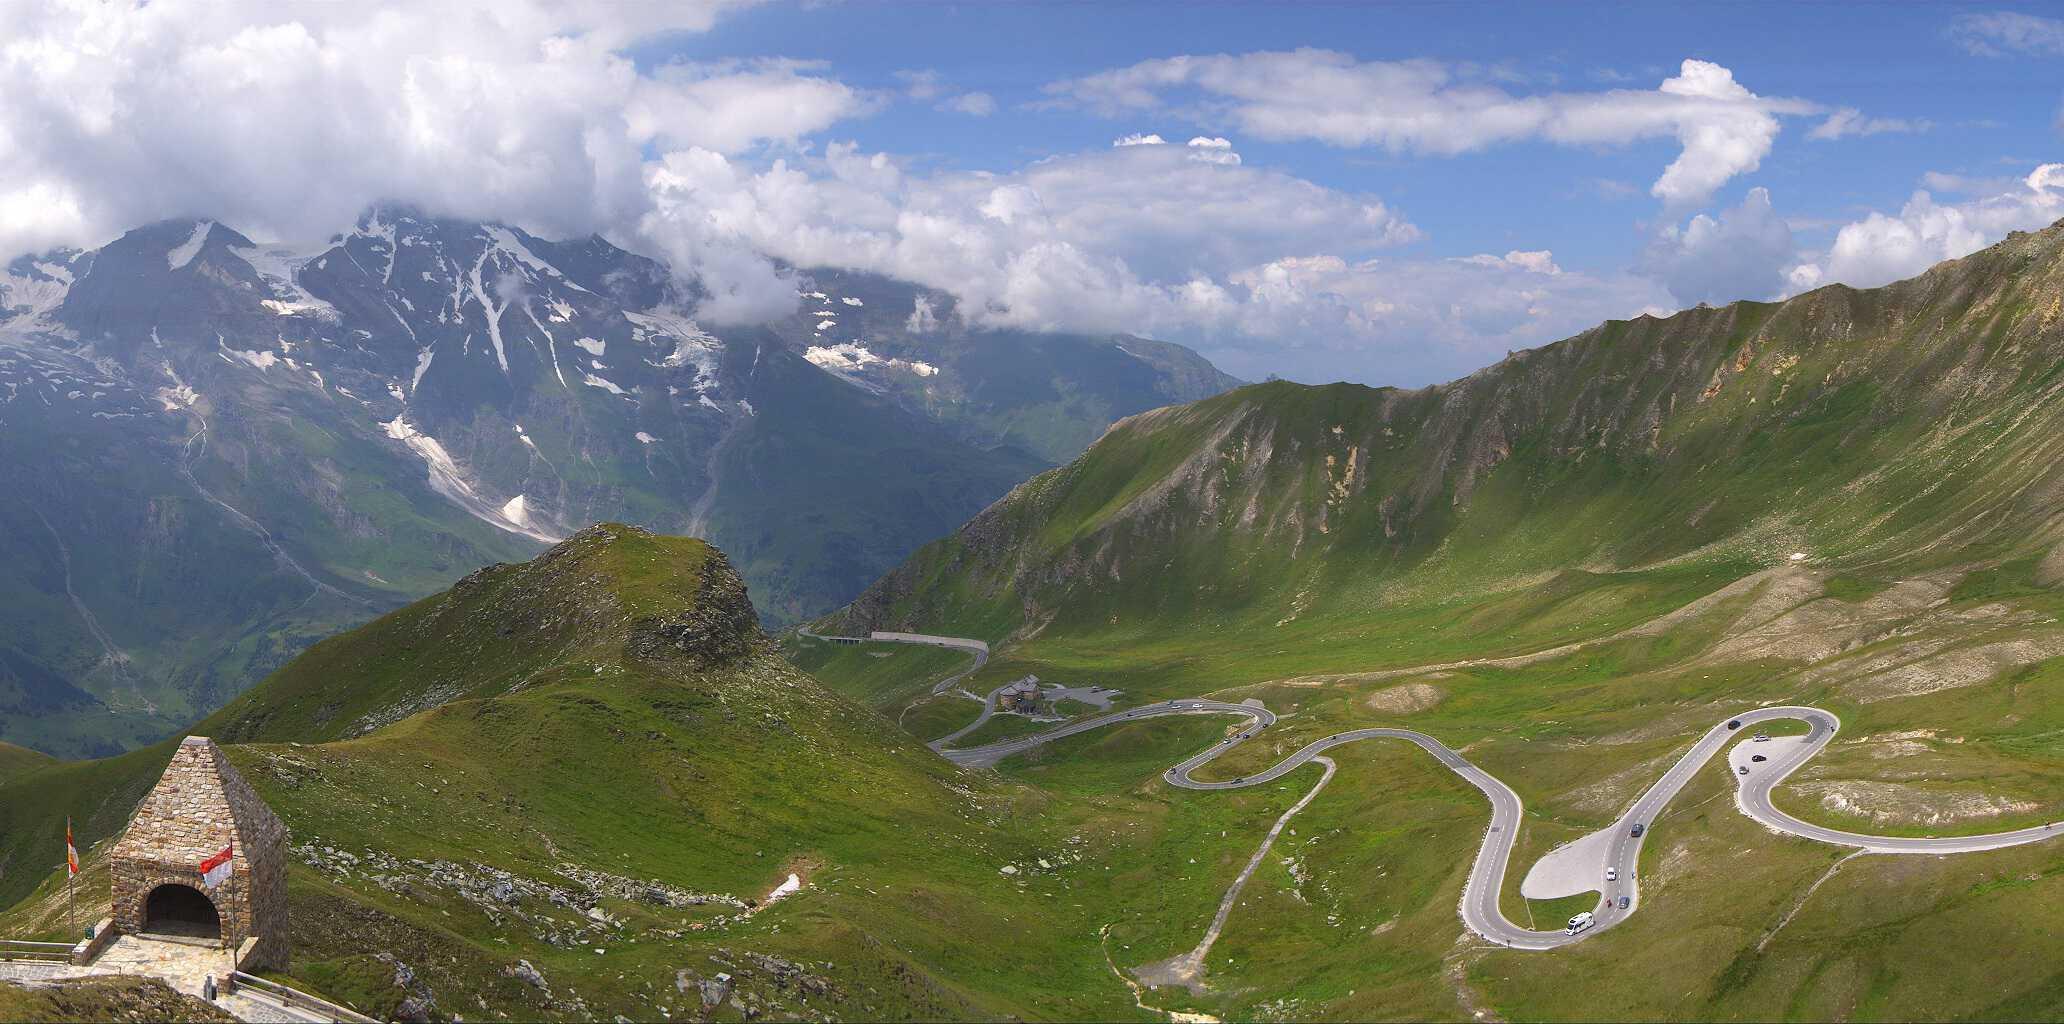 Blick vom Fuscher Thörl im Sommer auf der Großglockner Hochalpenstraße - Panoramastraße durch Österreichs Berge im Nationalpark